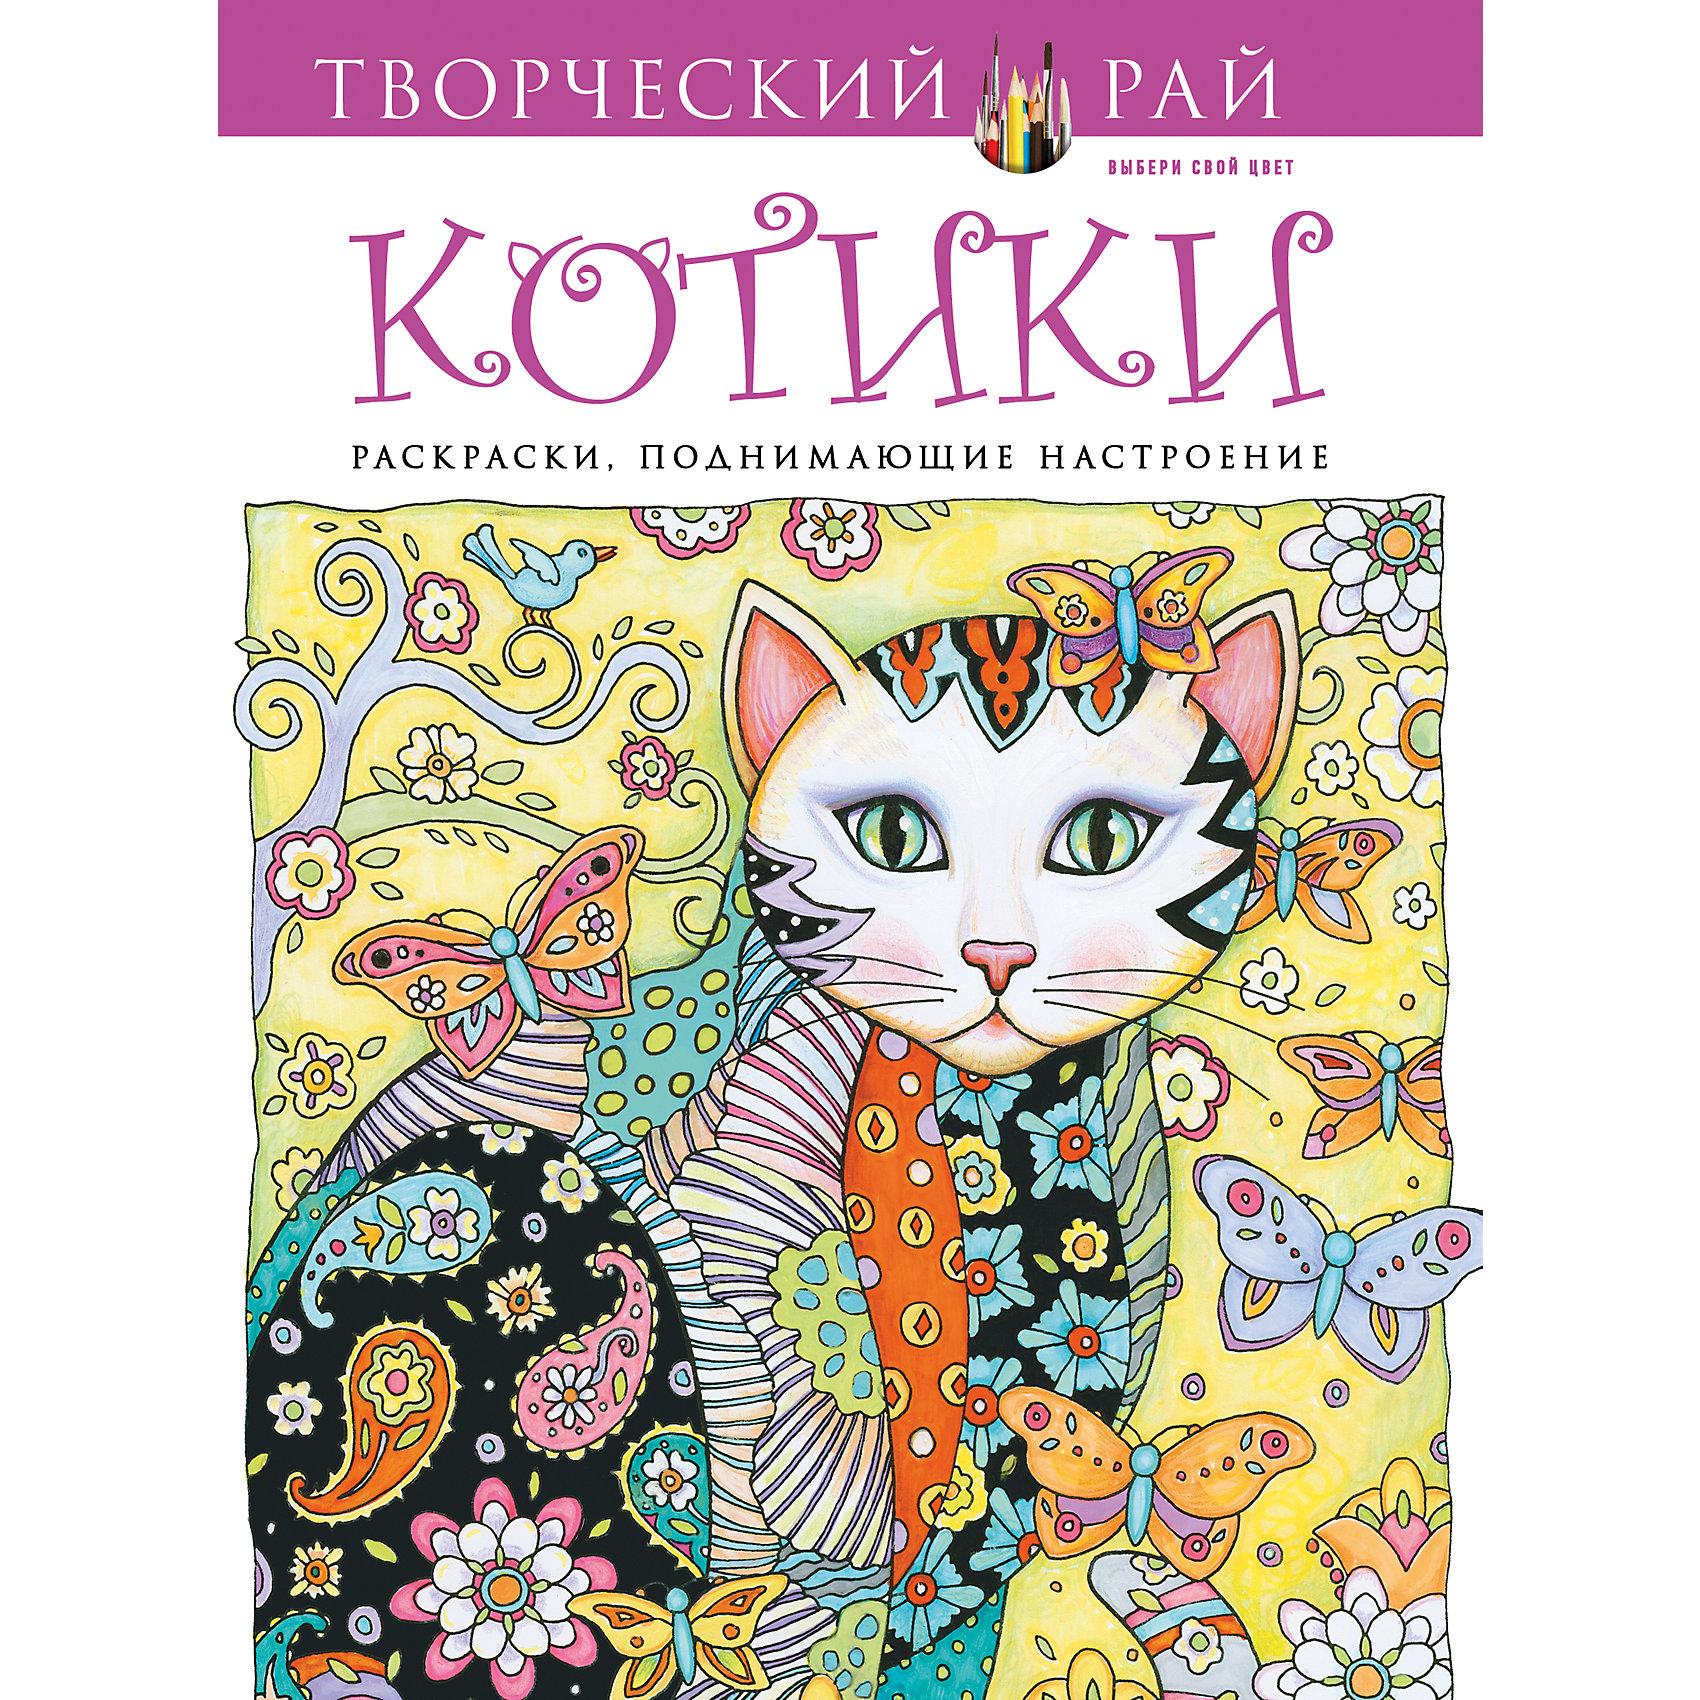 Раскраски, поднимающие настроение КотикиРаскраски, поднимающие настроение Котики – это прекрасная подборка раскрасок для творческих людей.<br>Творческие люди, поклонники раскрасок и любители кошек будут очарованы этой подборкой раскрасок. Оригинальные рисунки котов и кошек, украшенных причудливыми узорами: цветами, сердечками, нотками и мотивами в стиле стимпанк. Креативный дизайн иллюстраций серии «Творческий рай» открывает безграничные творческие возможности. Создайте галерею авторских, эксклюзивных картин, творцом которых являетесь вы сами! Иллюстрации расположены на одной стороне плотного листа с перфорацией. Теперь можно рисовать фломастерами и акварельными красками, не боясь повредить раскраску на обороте.<br><br>Дополнительная информация:<br><br>- Автор: Sarnat Marjorie<br>- Издательство: Эксмо, 2015 г.<br>- Серия: Творческий рай. Раскраски, поднимающие настроение<br>- Тип обложки: 7Б - твердая (плотная бумага или картон)<br>- Оформление: частичная лакировка<br>- Иллюстрации: черно-белые<br>- Количество страниц: 64 (офсет) <br>- Размер: 287x215x10 мм.<br>- Вес: 474 гр.<br><br>Раскраски, поднимающие настроение Котики можно купить в нашем интернет-магазине.<br><br>Ширина мм: 287<br>Глубина мм: 215<br>Высота мм: 10<br>Вес г: 480<br>Возраст от месяцев: 72<br>Возраст до месяцев: 168<br>Пол: Унисекс<br>Возраст: Детский<br>SKU: 4467668